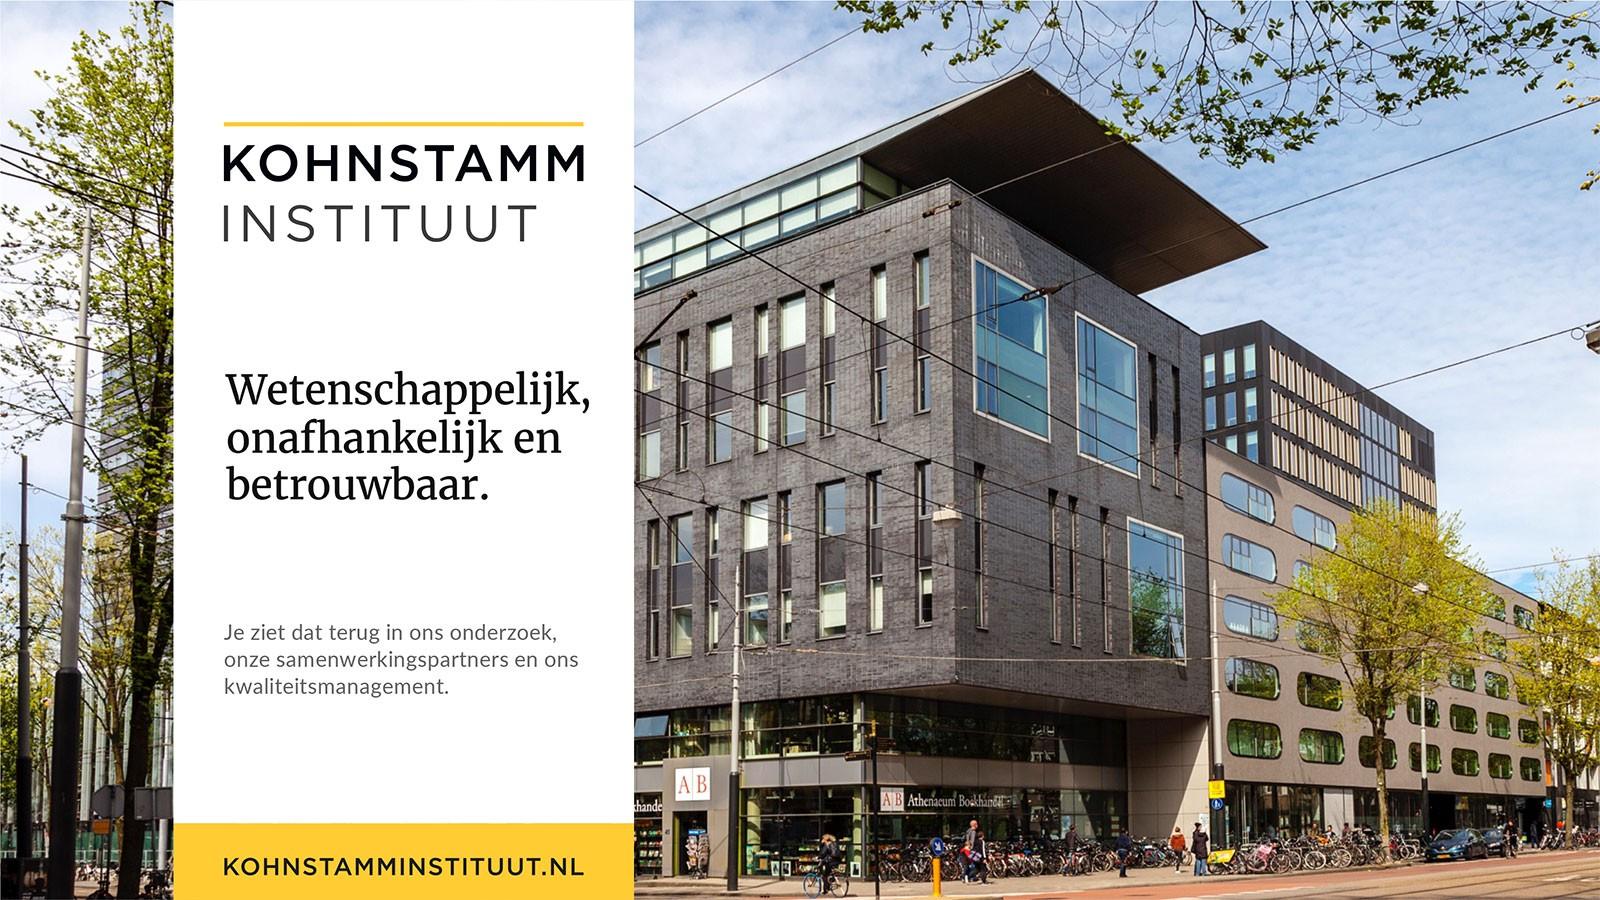 Voorbeeld PowerPoint Presentatie Kohnstamm Instituut - Startpagina